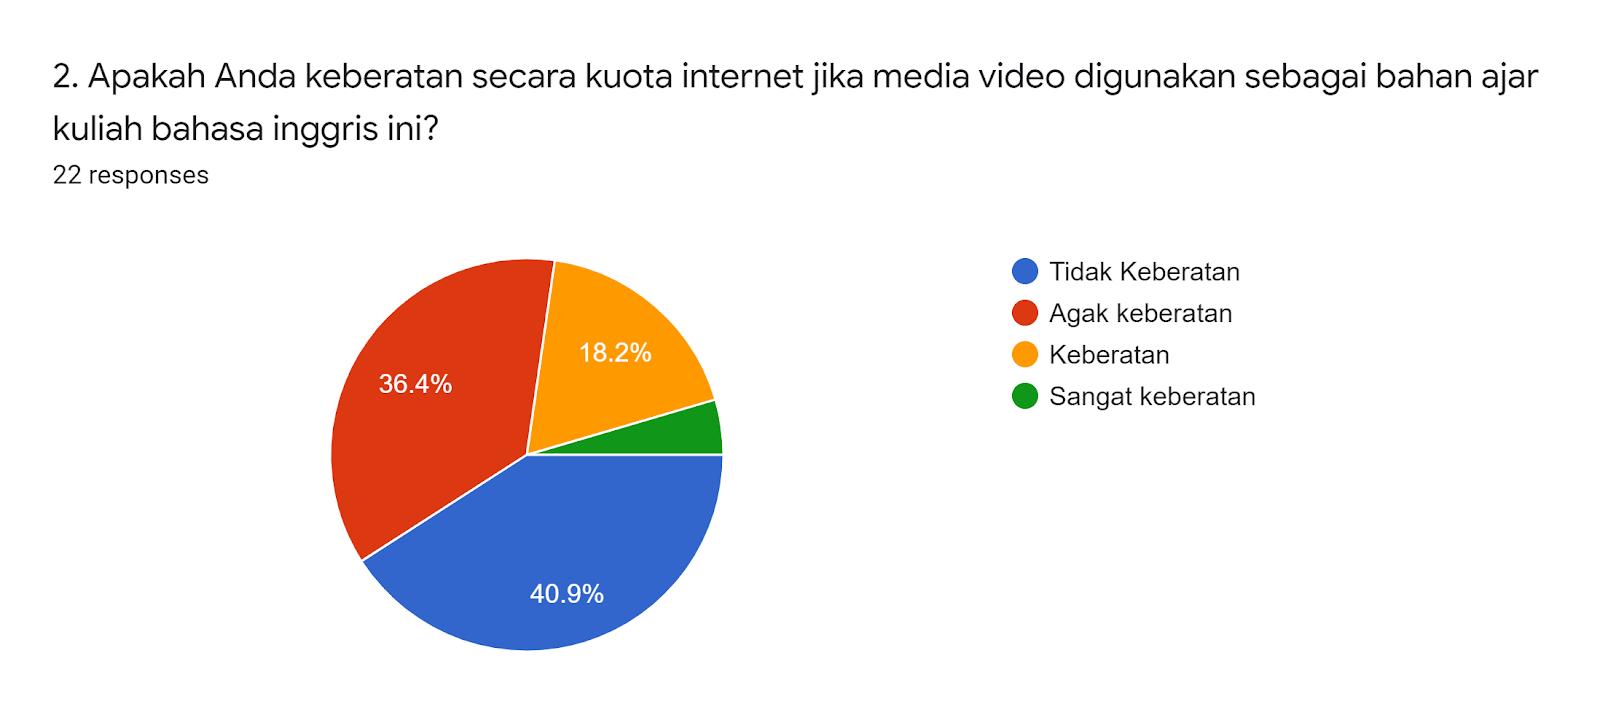 Forms response chart. Question title: 2. Apakah Anda keberatan secara kuota internet jika media video digunakan sebagai bahan ajar kuliah bahasa inggris ini?. Number of responses: 22 responses.